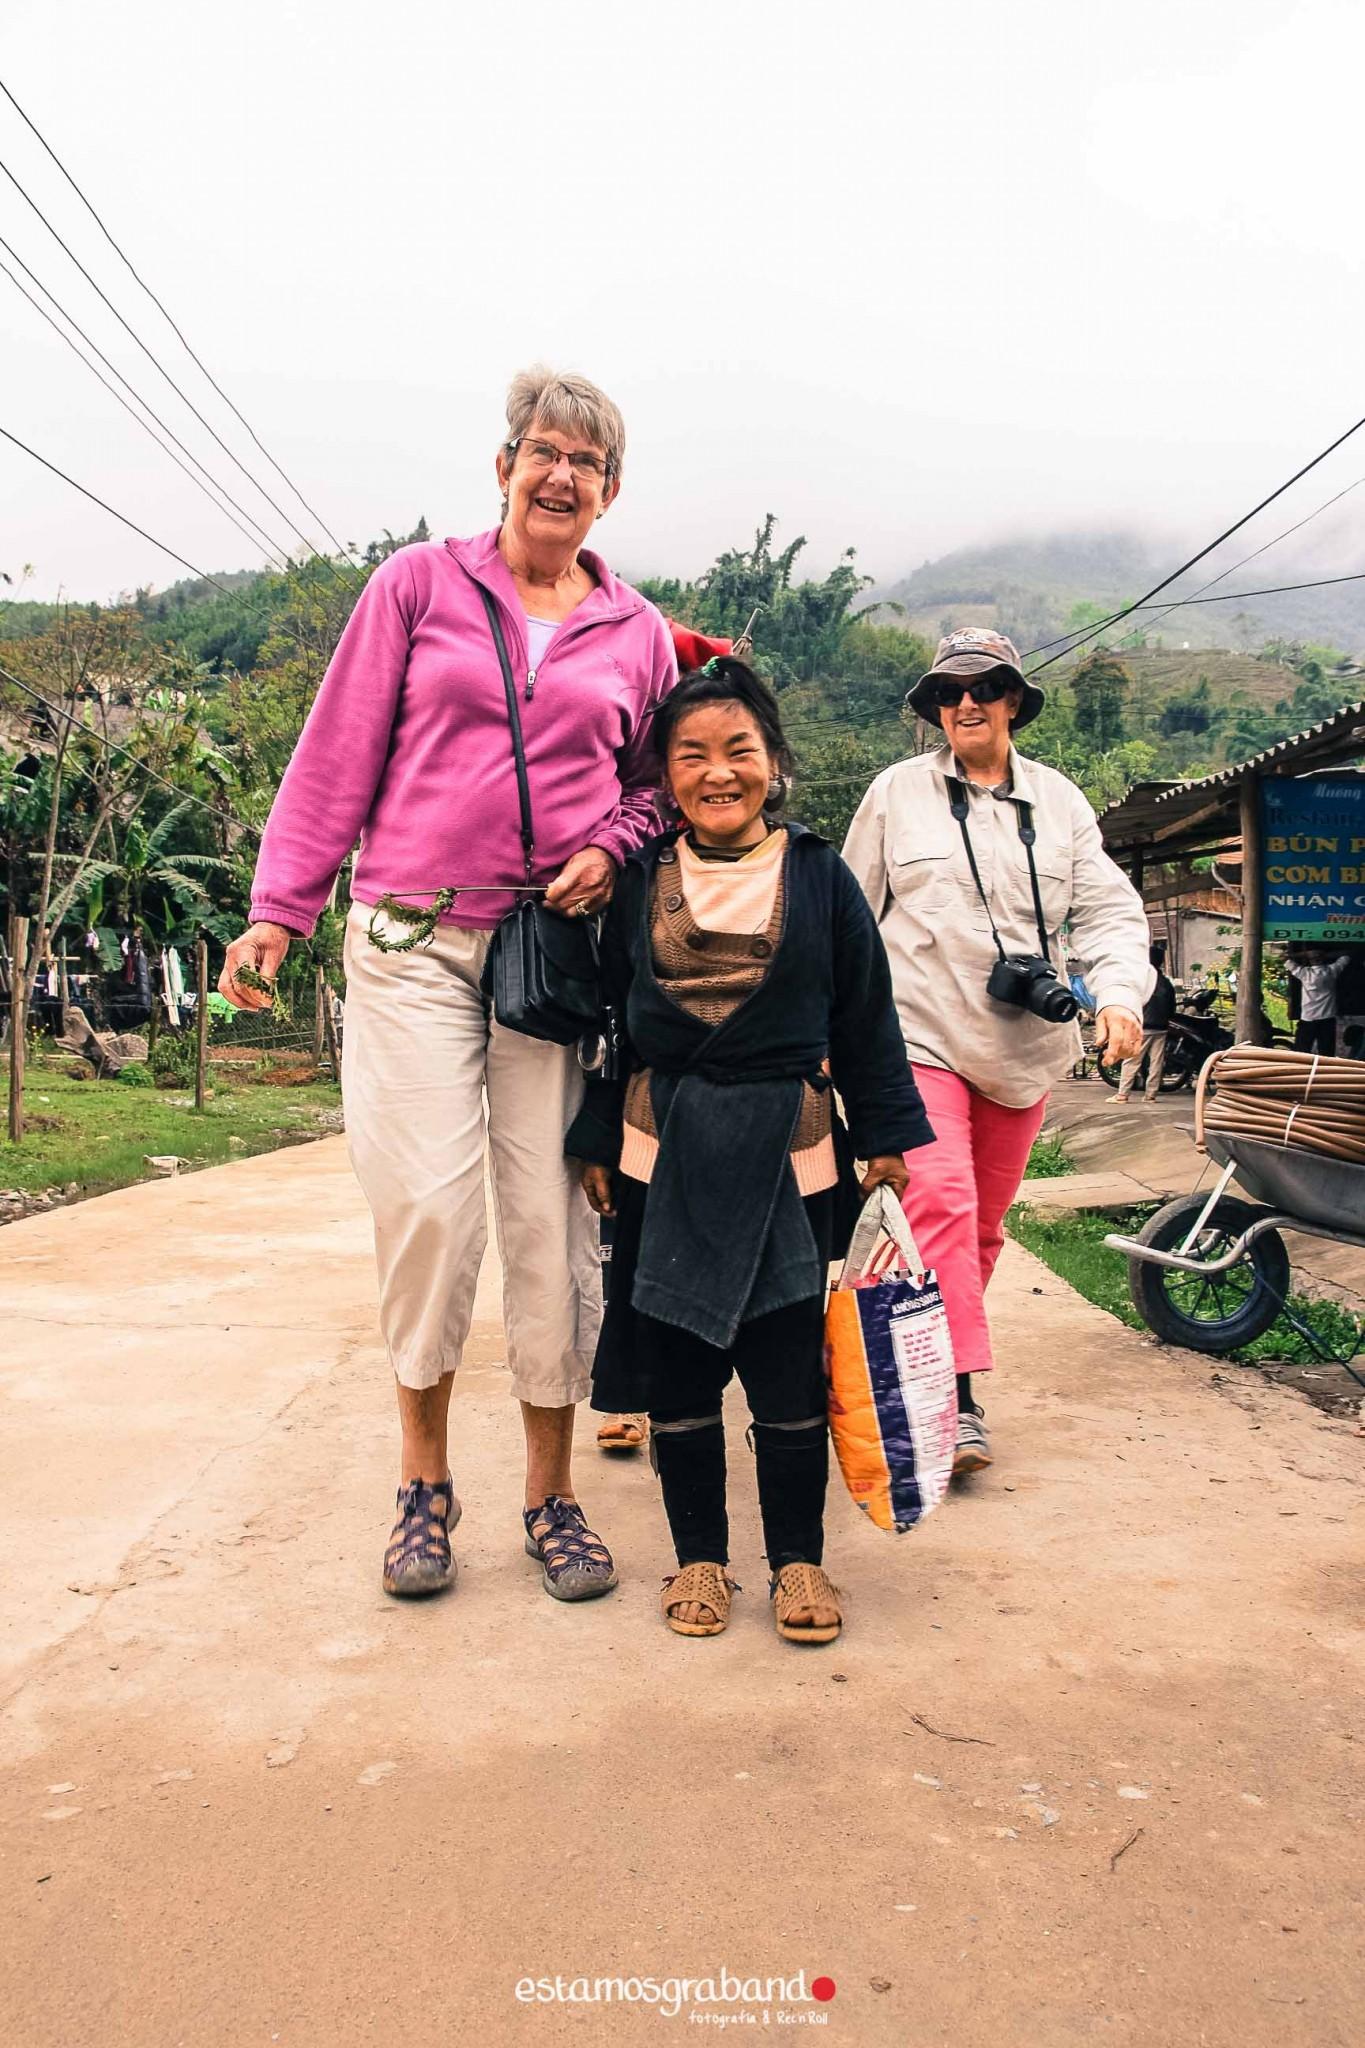 reportaje-vietnam_fotograficc81a-vietnam_estamosgrabando-vietnam_rutasvietnam_reportaje-retratos-fotos-vietnam_fotografia-vietnam_reportaje-estamosgrabando-fotograficc81a-vietnam-24 Pequeños grandes recuerdos de Vietnam en 100 imágenes - video boda cadiz